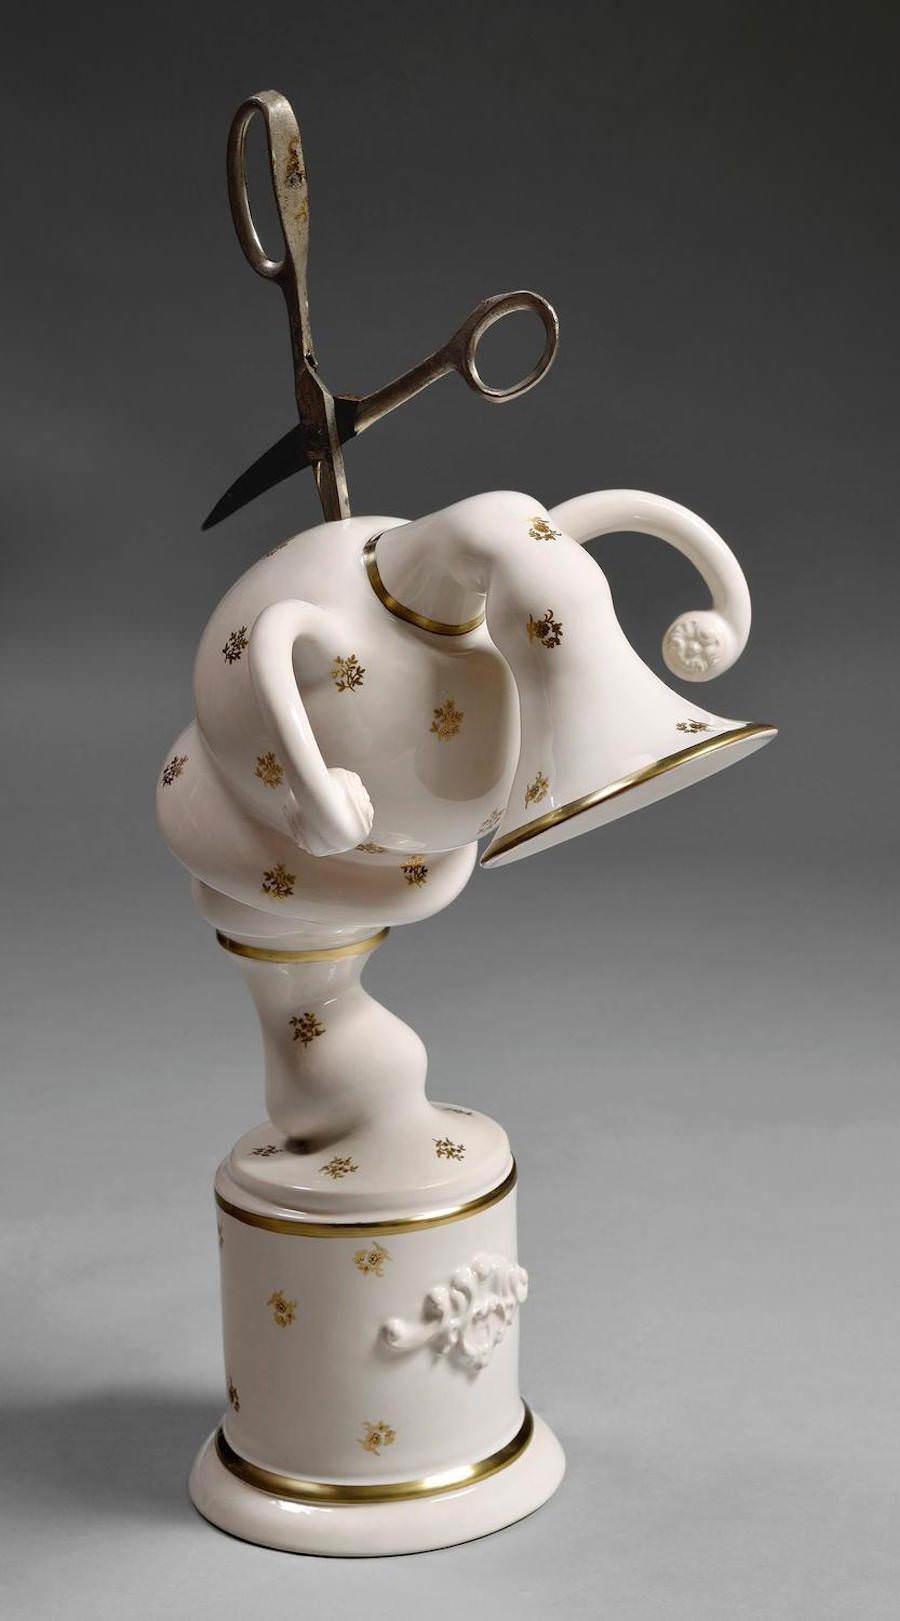 Laurent Craste, ceramic art